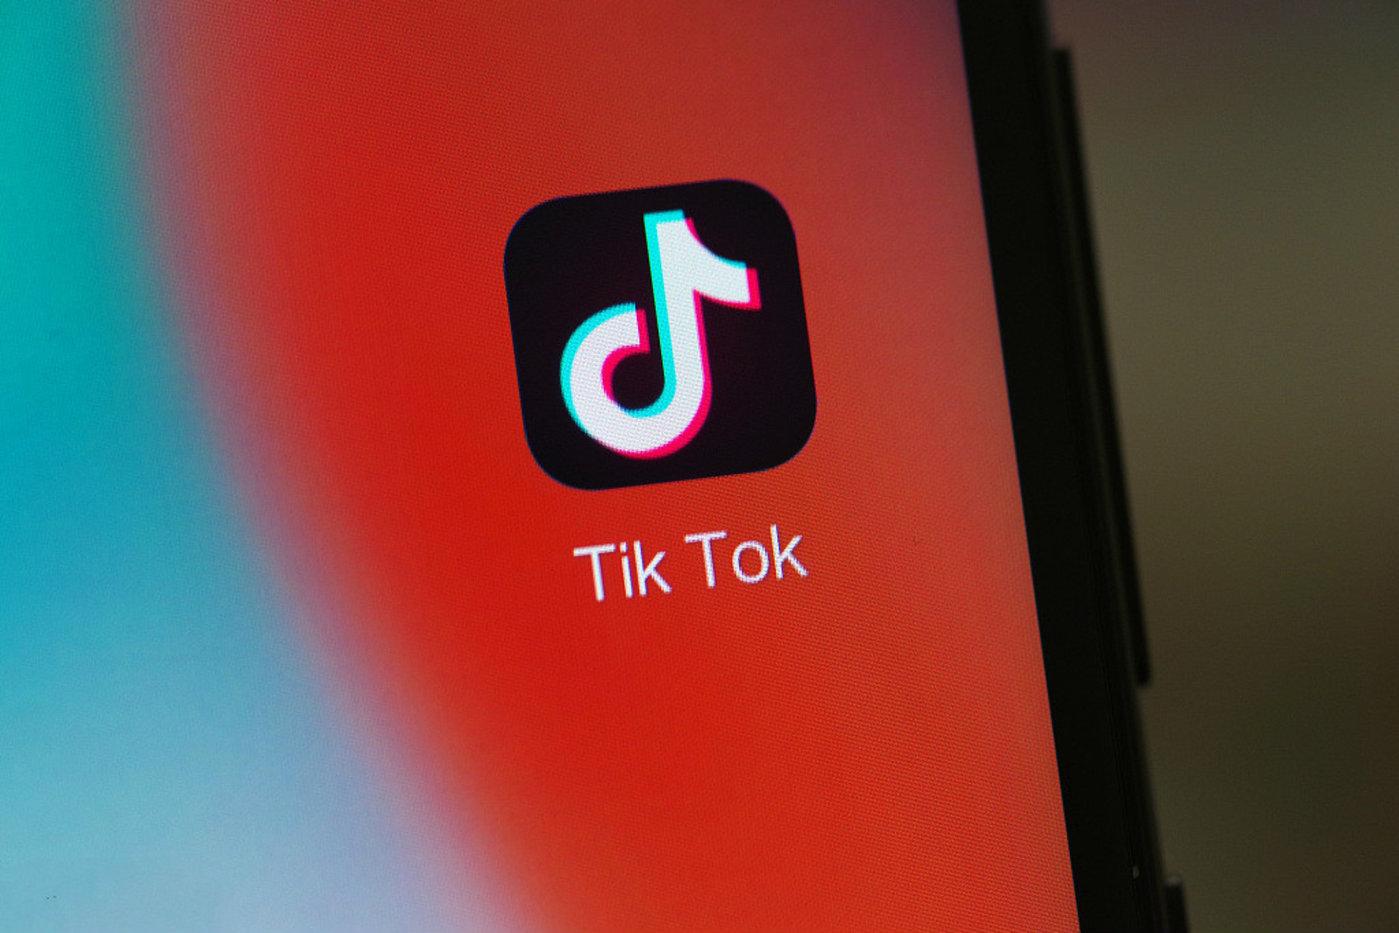 """甲骨文确认与字节跳动达成协议,成TikTok""""可信技术提供商"""";消息称腾讯选择新加坡为其亚洲中心"""